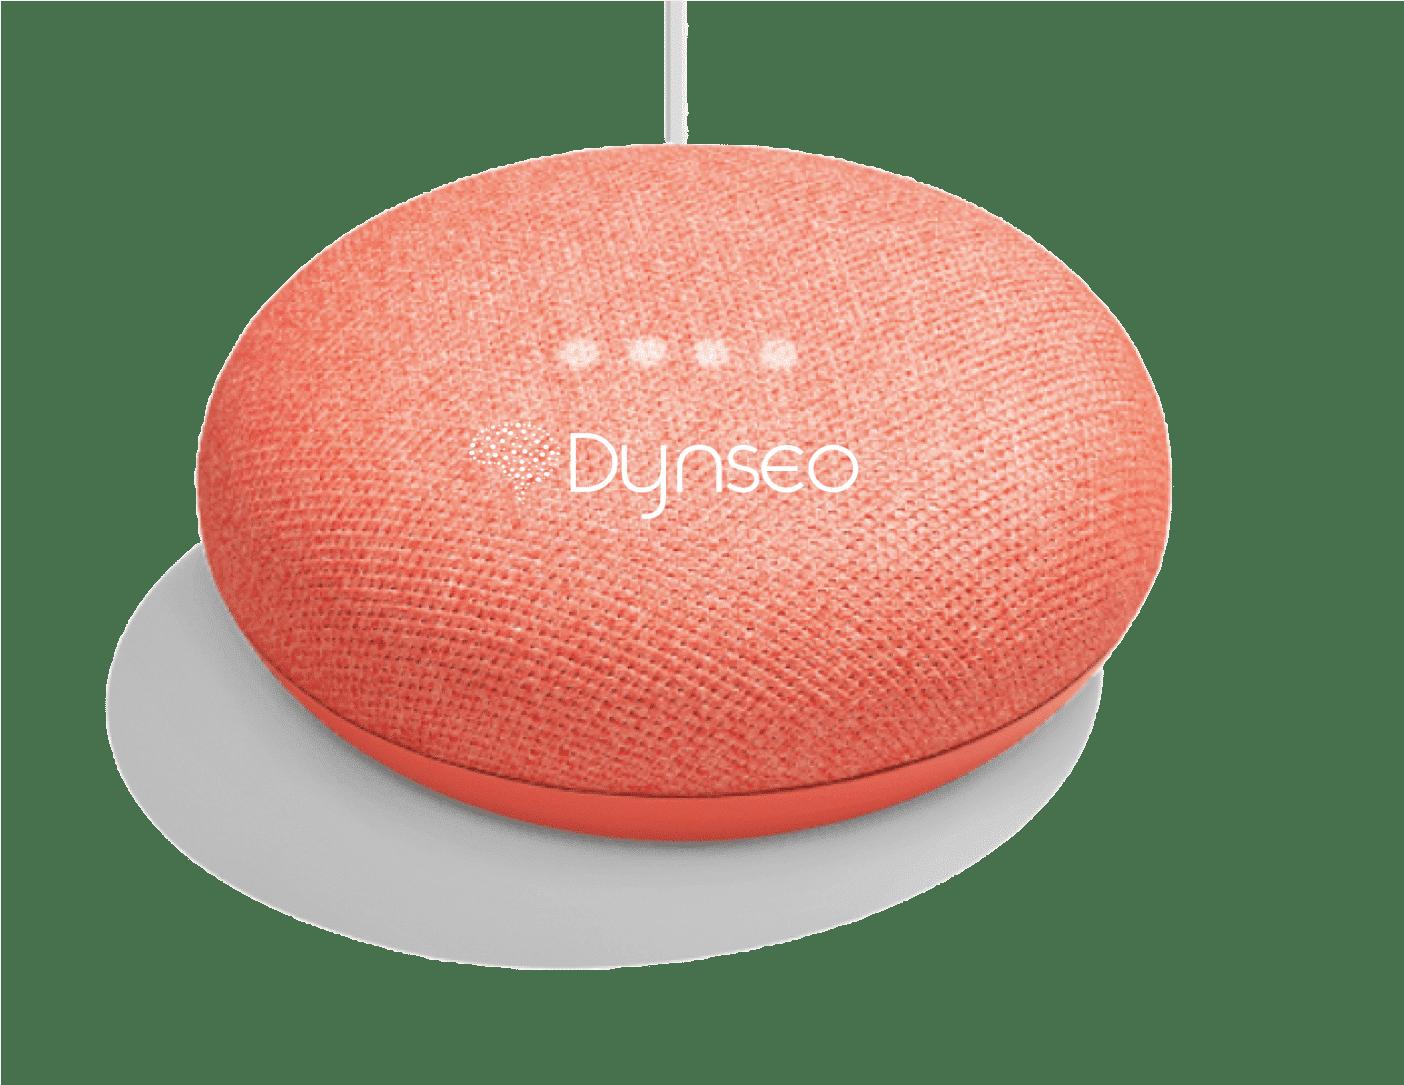 L'assistant vocal de DYNSEO fonctionne avec le mini Google Home orange. afin que les seniors puissent le prendre en main facilement.